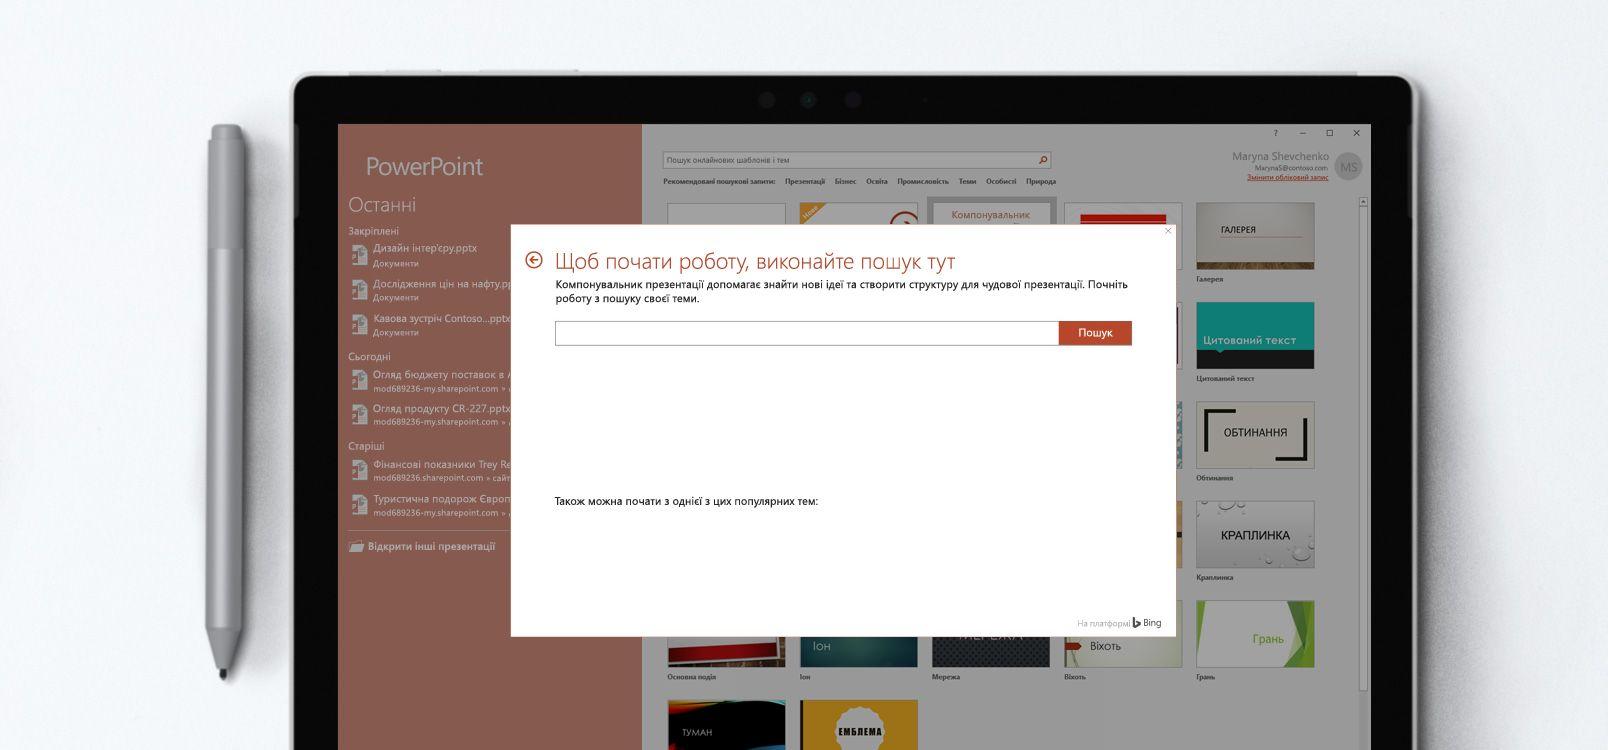 """Екран планшета, на якому відкрито документ PowerPoint із функцією """"Компонувальник презентації"""""""